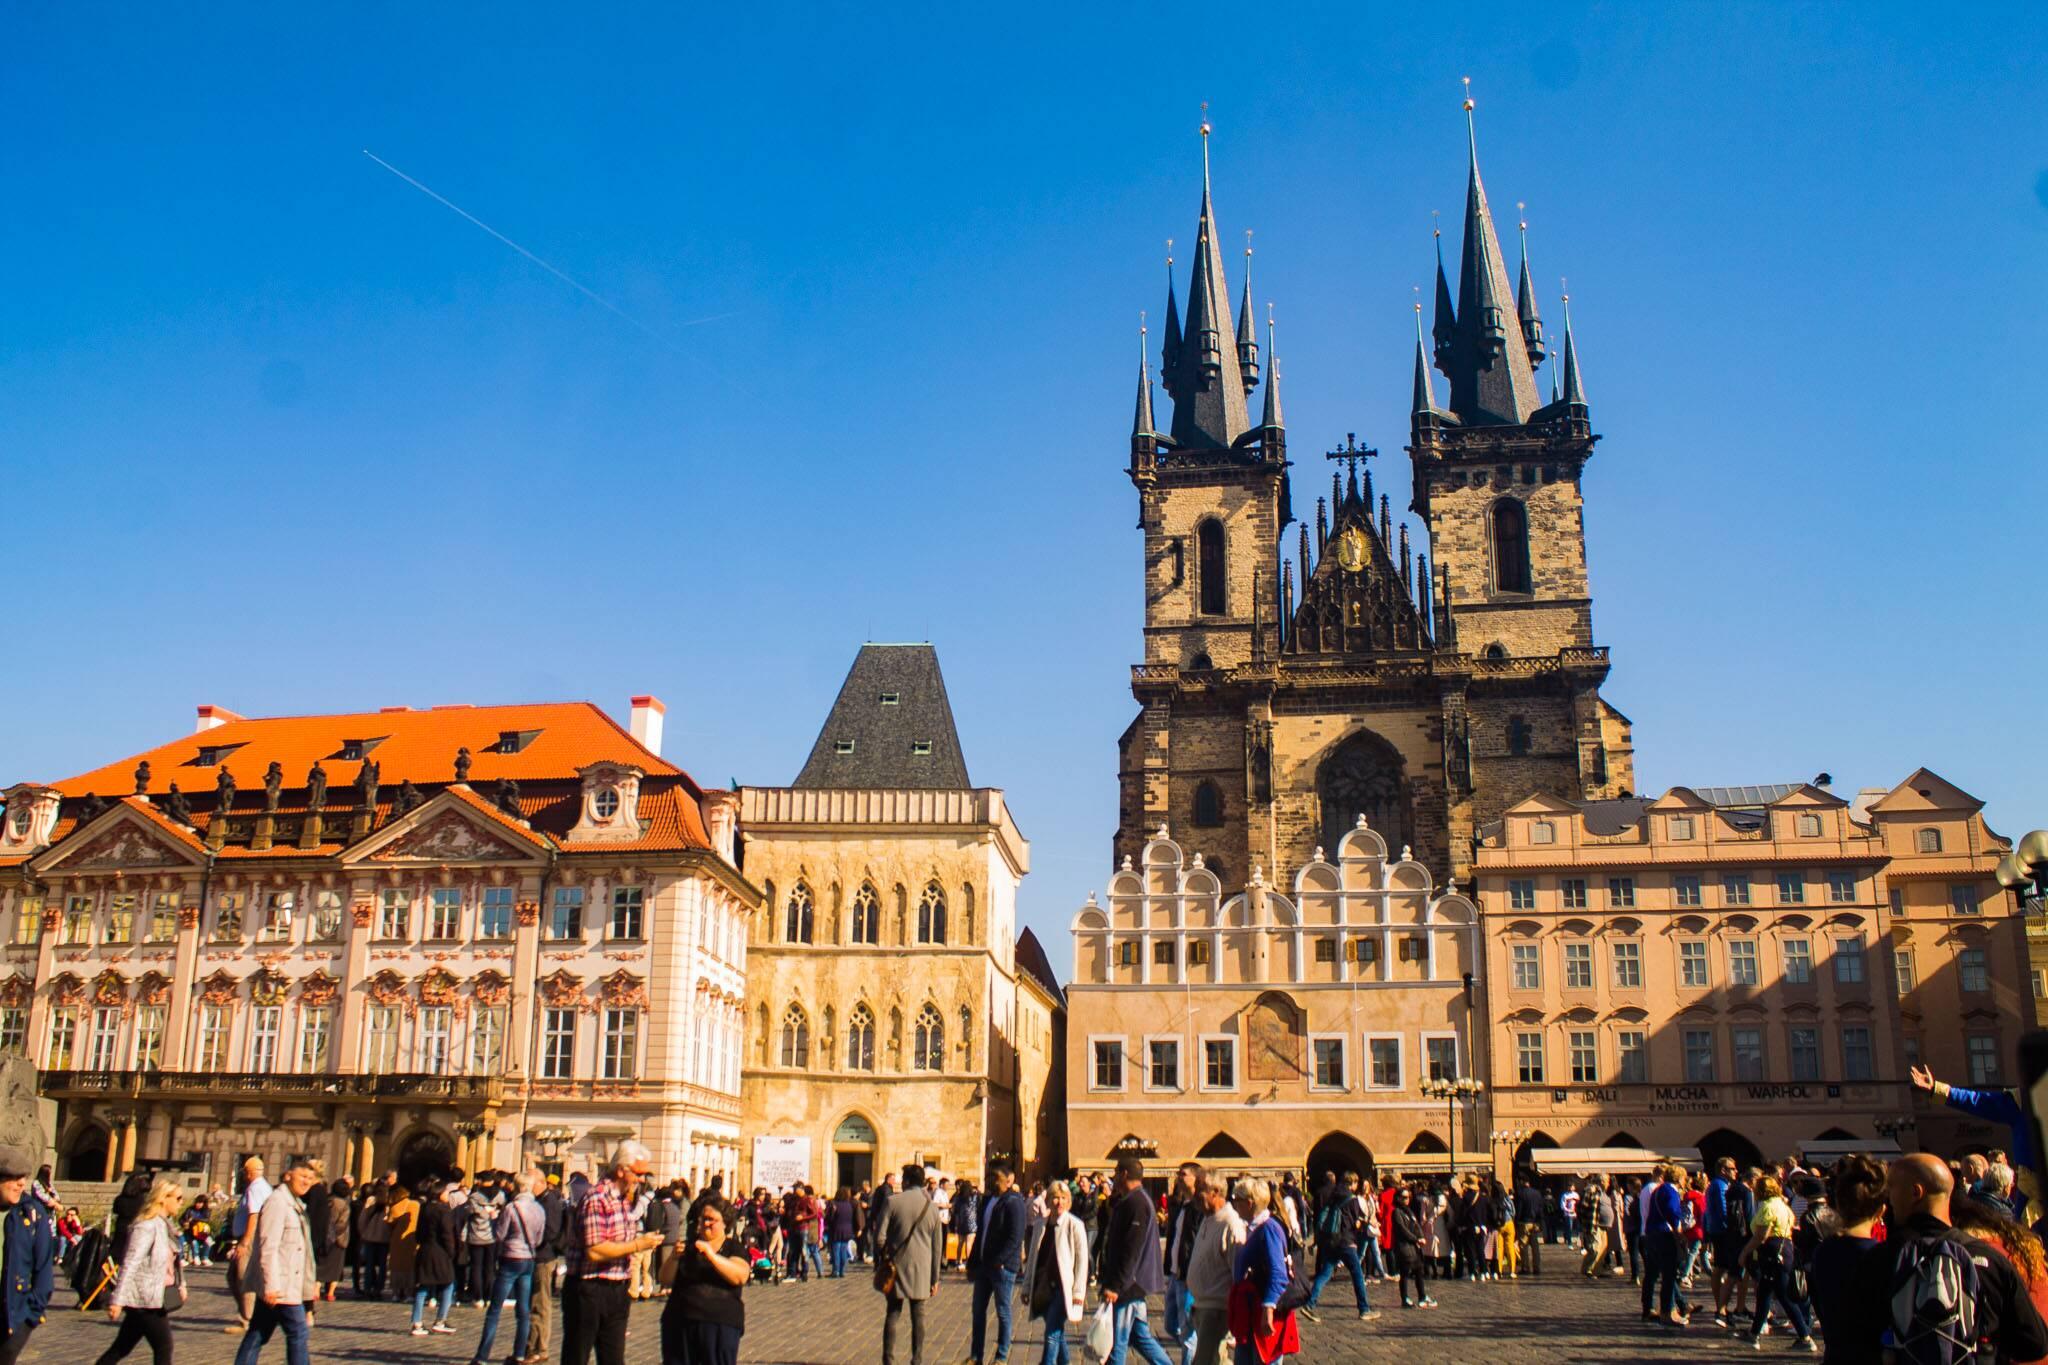 Old Town Square - a praça antiga de Praga em um dia de sol e movimentação   Foto: Bruno/@naproadavida - três dias em Praga com €50